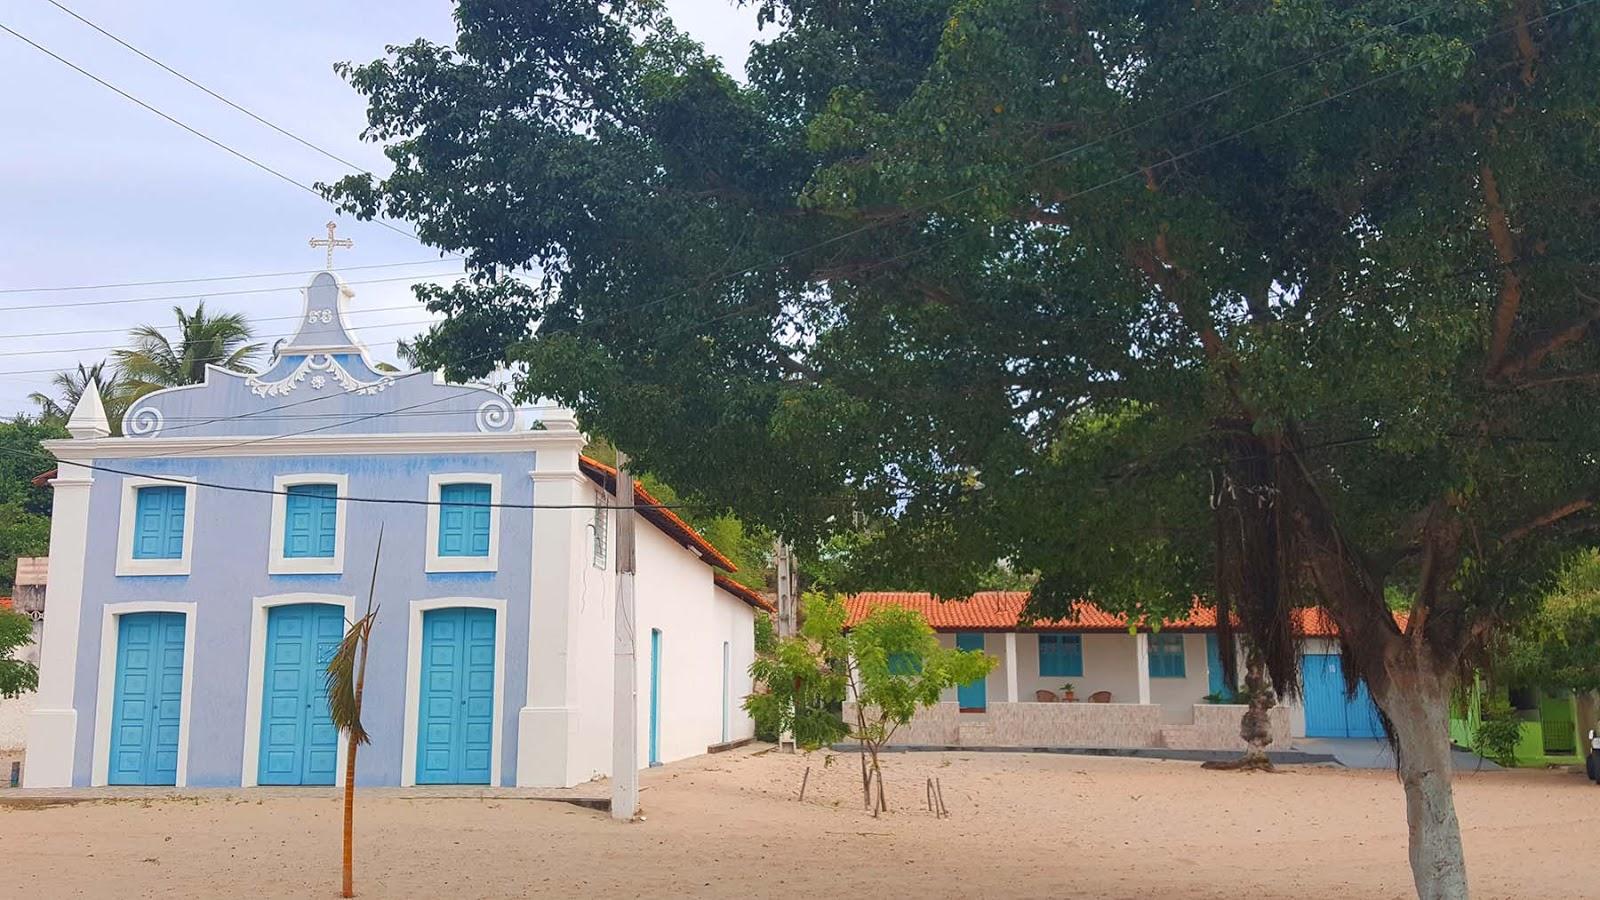 Igreja de Bom Jesus dos Navegantes em Mangue Seco.